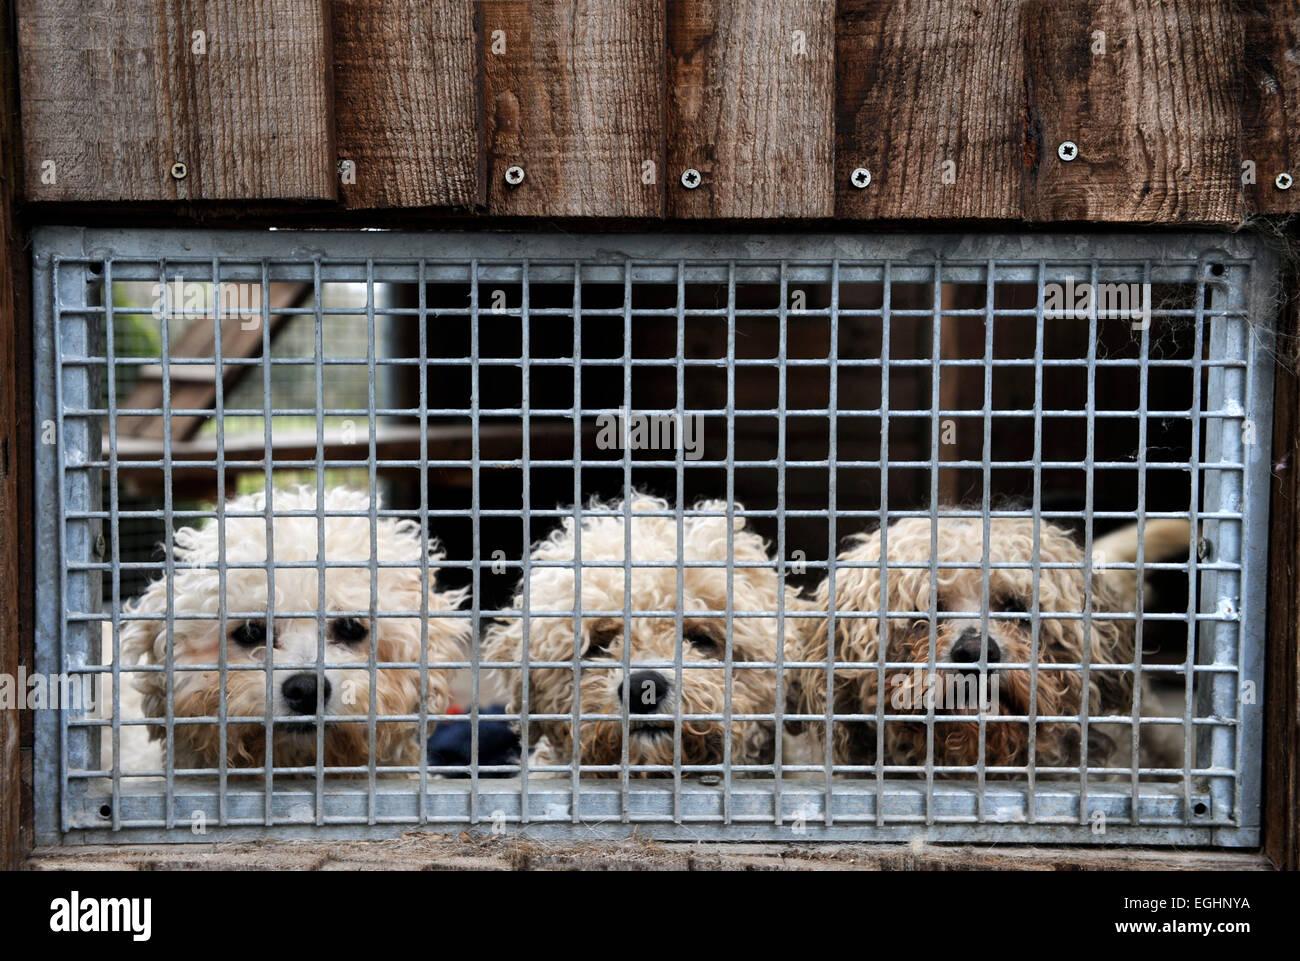 Many Tears Animal Rescue Centre Stock s & Many Tears Animal